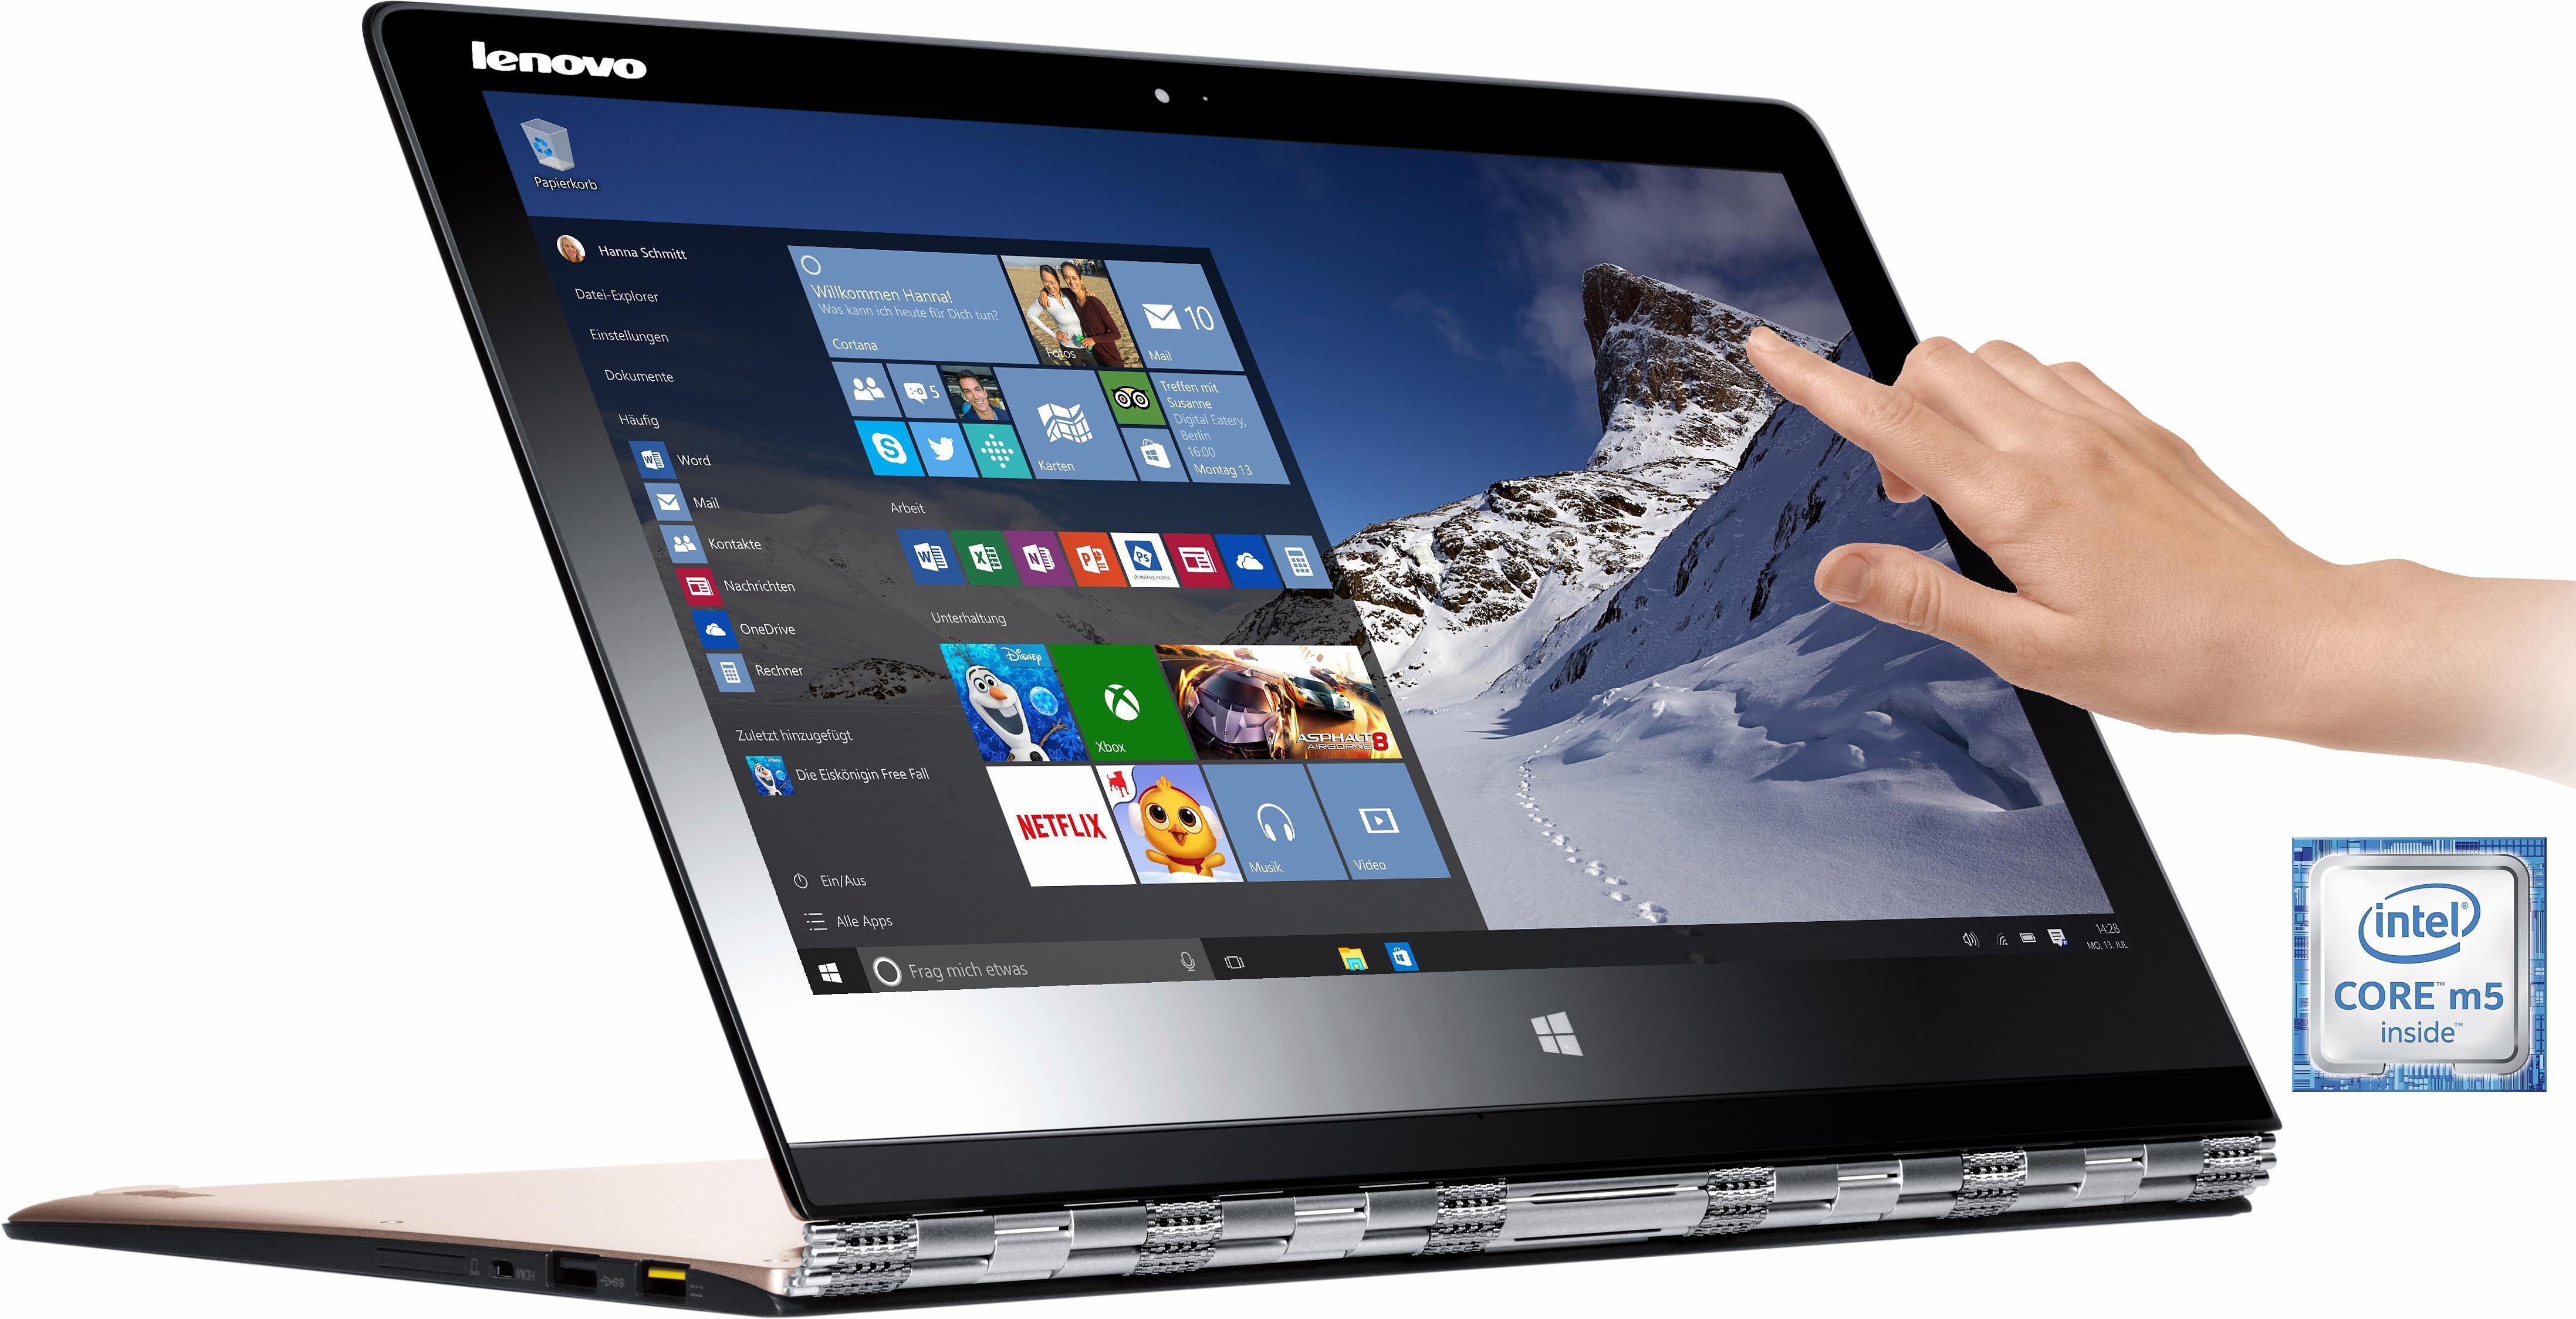 Lenovo YOGA 3 Pro Convertible Notebook, Intel Core M, 33,7 cm (13,3 Zoll), 256 GB Speicher